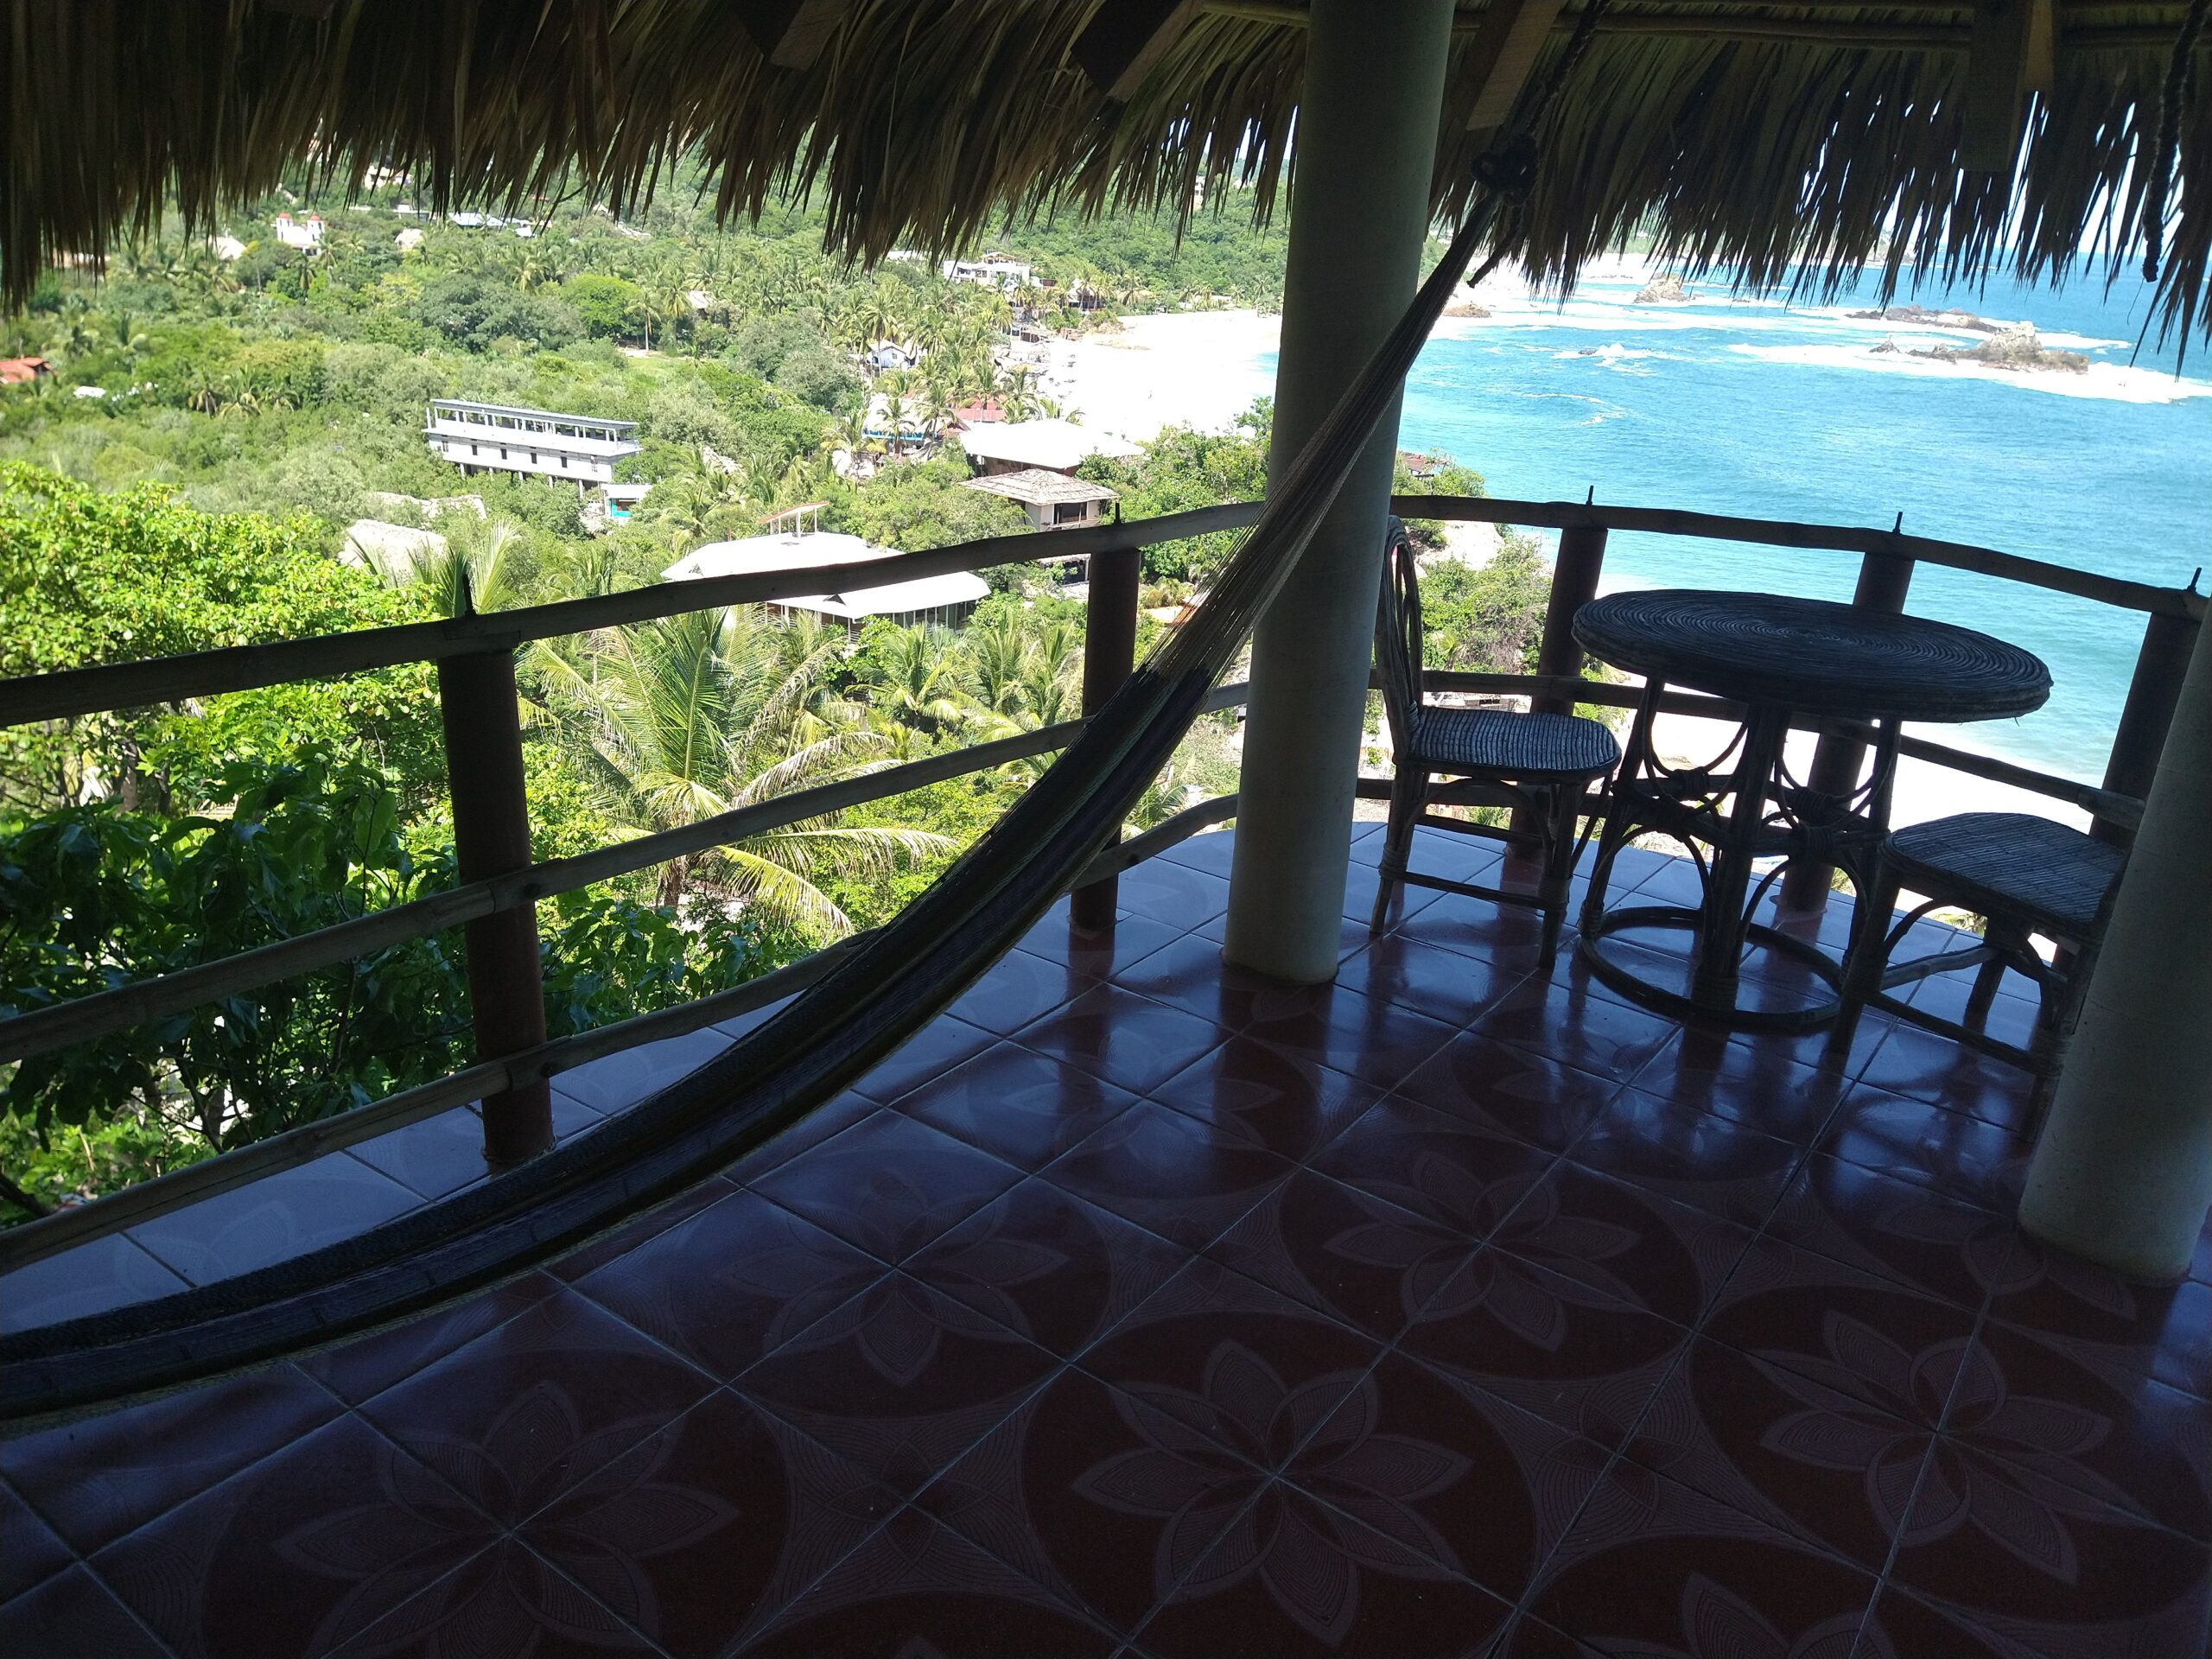 Maleta de Viajes, Hoteles, viajes, turismo, aventura, Mazunte, Cabañas Miramar, Oaxaca, viajeros, travel